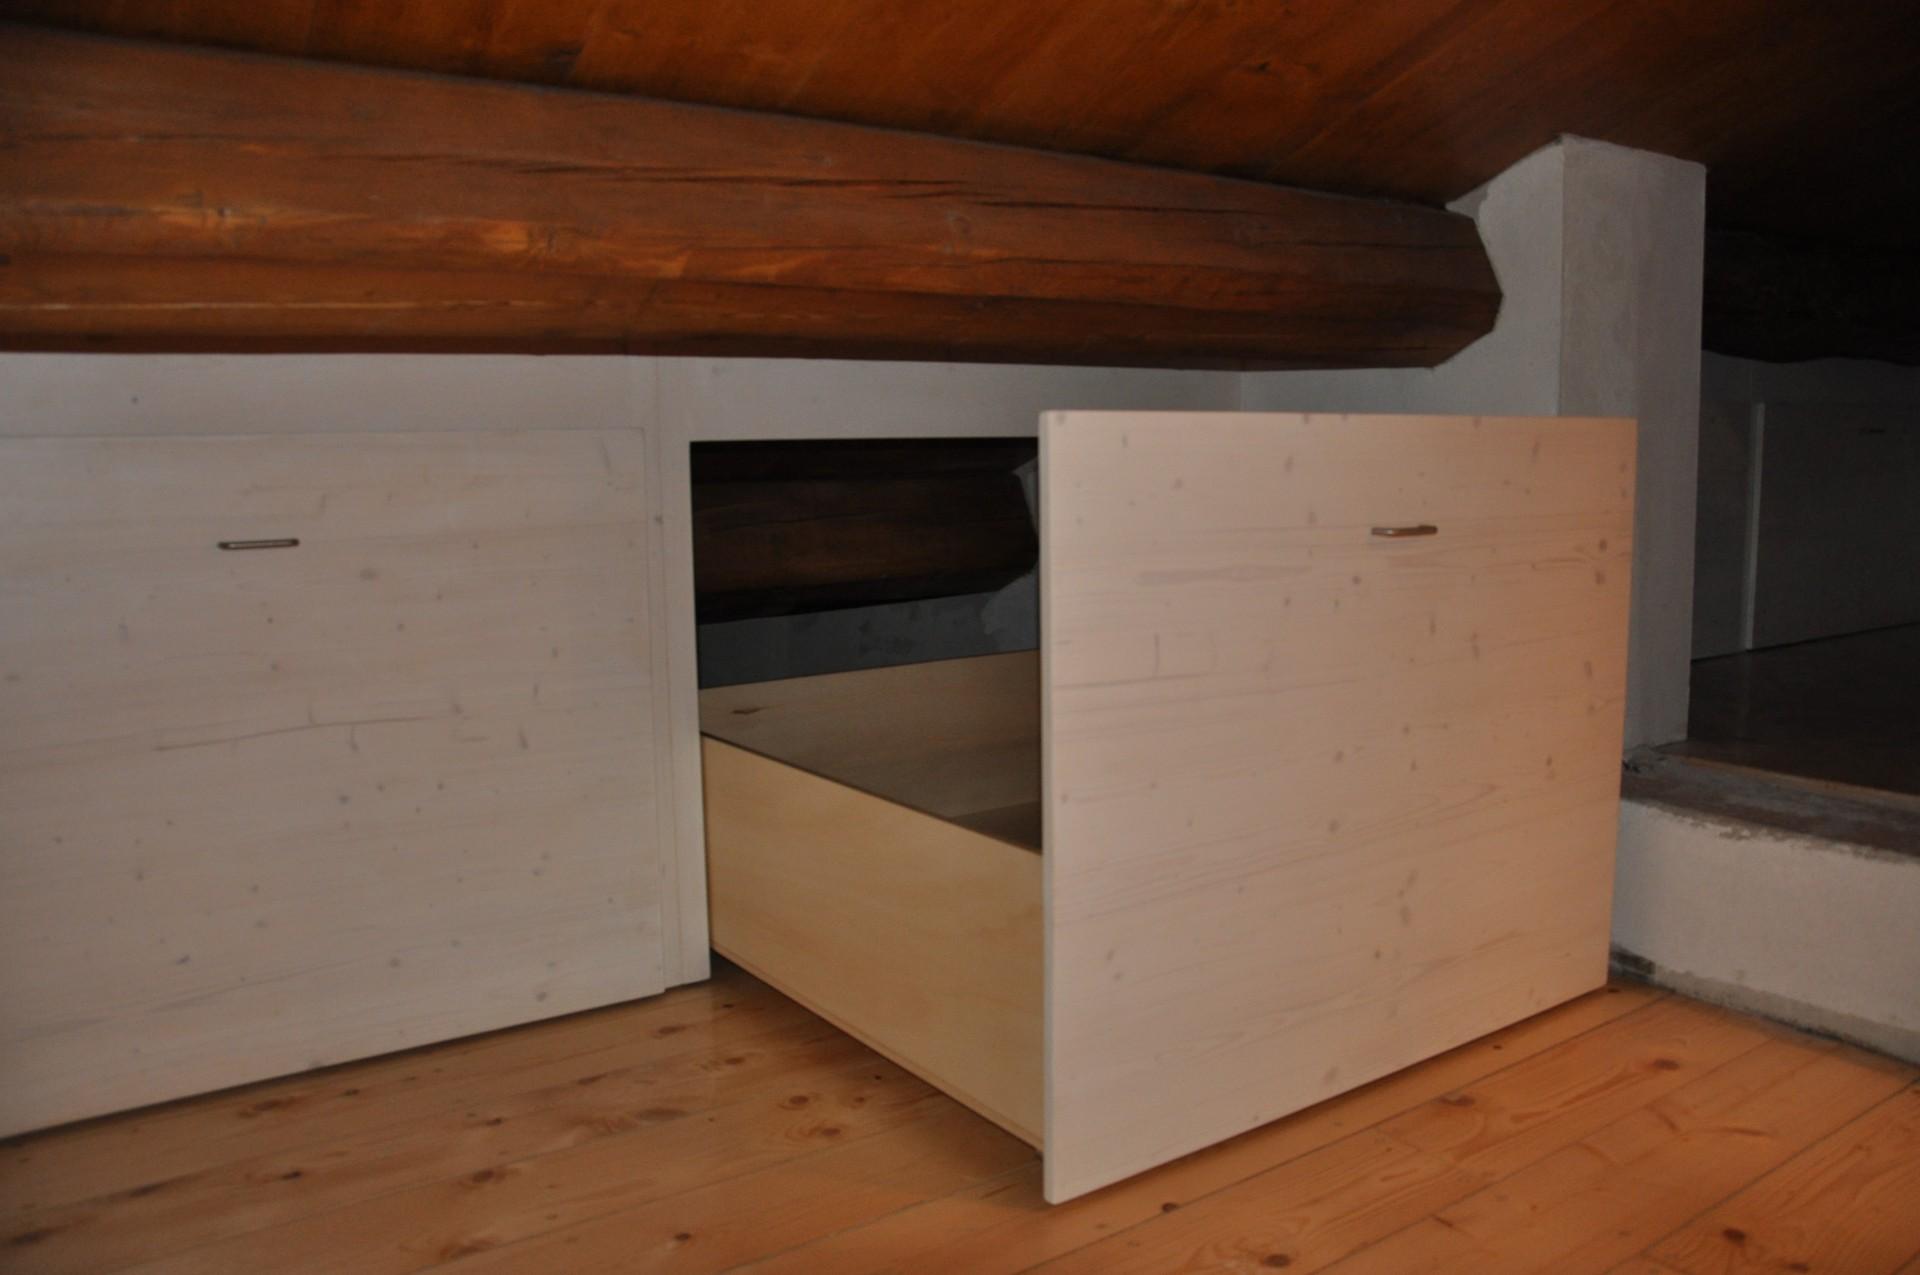 Progettazione arredamenti su misura fadini mobili cerea for Mobili su misura